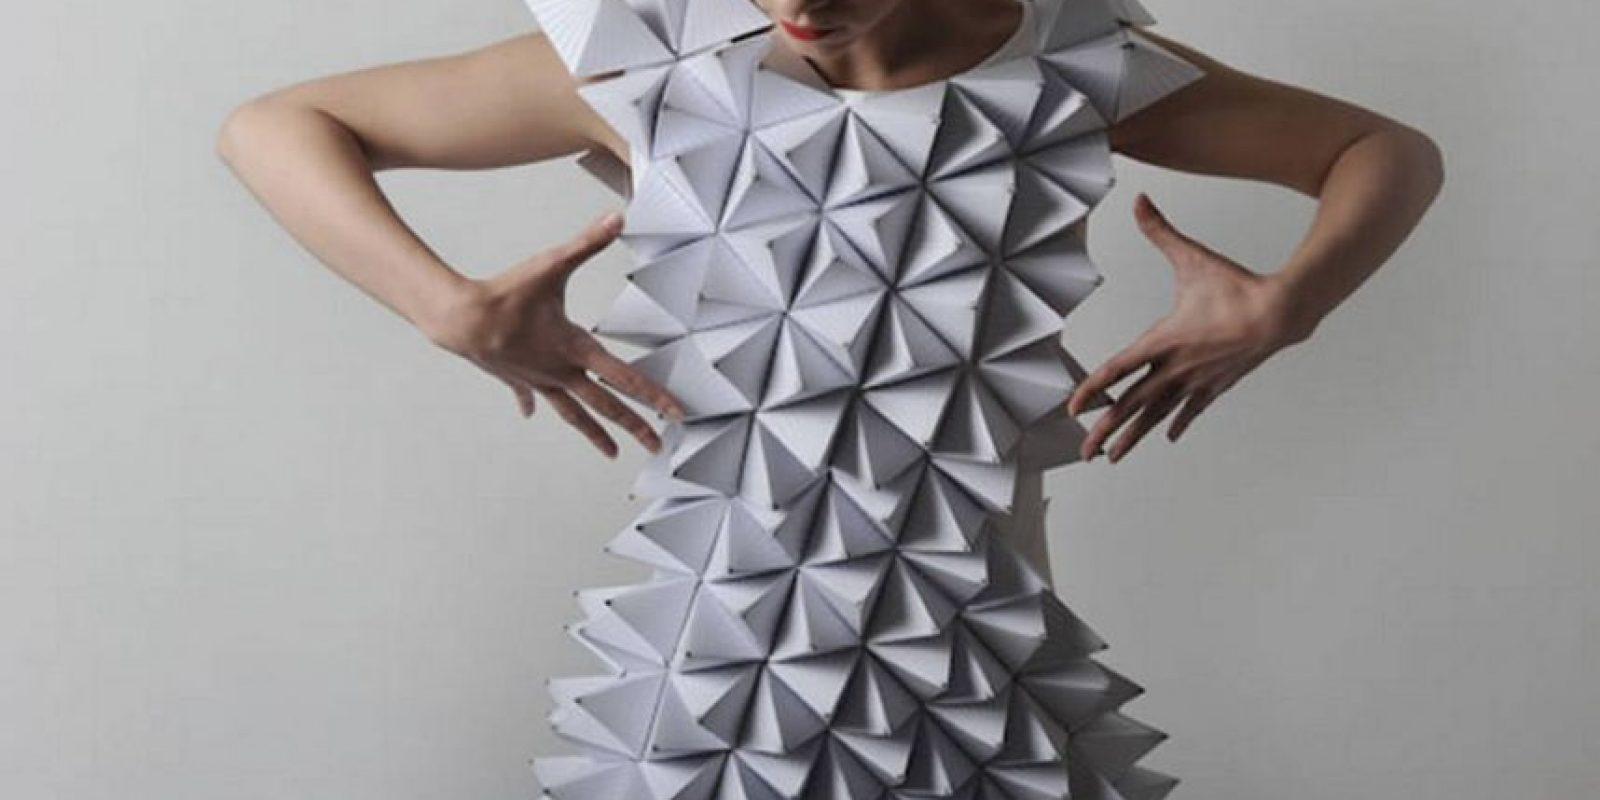 Vestido hecho con origami o con los juegos hechos en el colegio. Foto:vía Getty Images